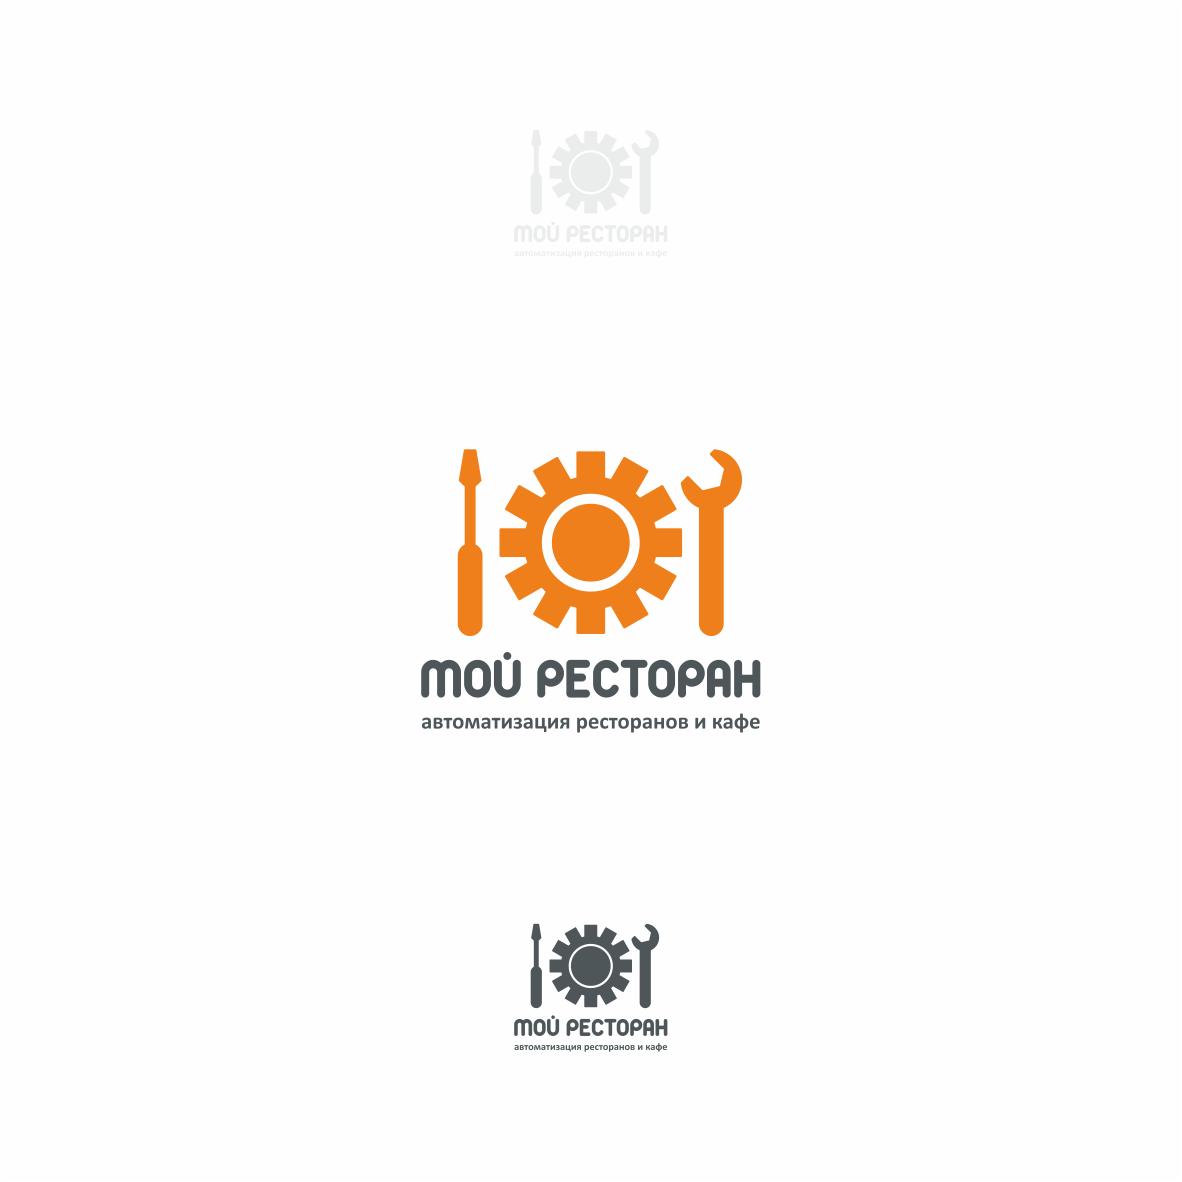 Разработать логотип и фавикон для IT- компании фото f_3905d52b516174e6.png